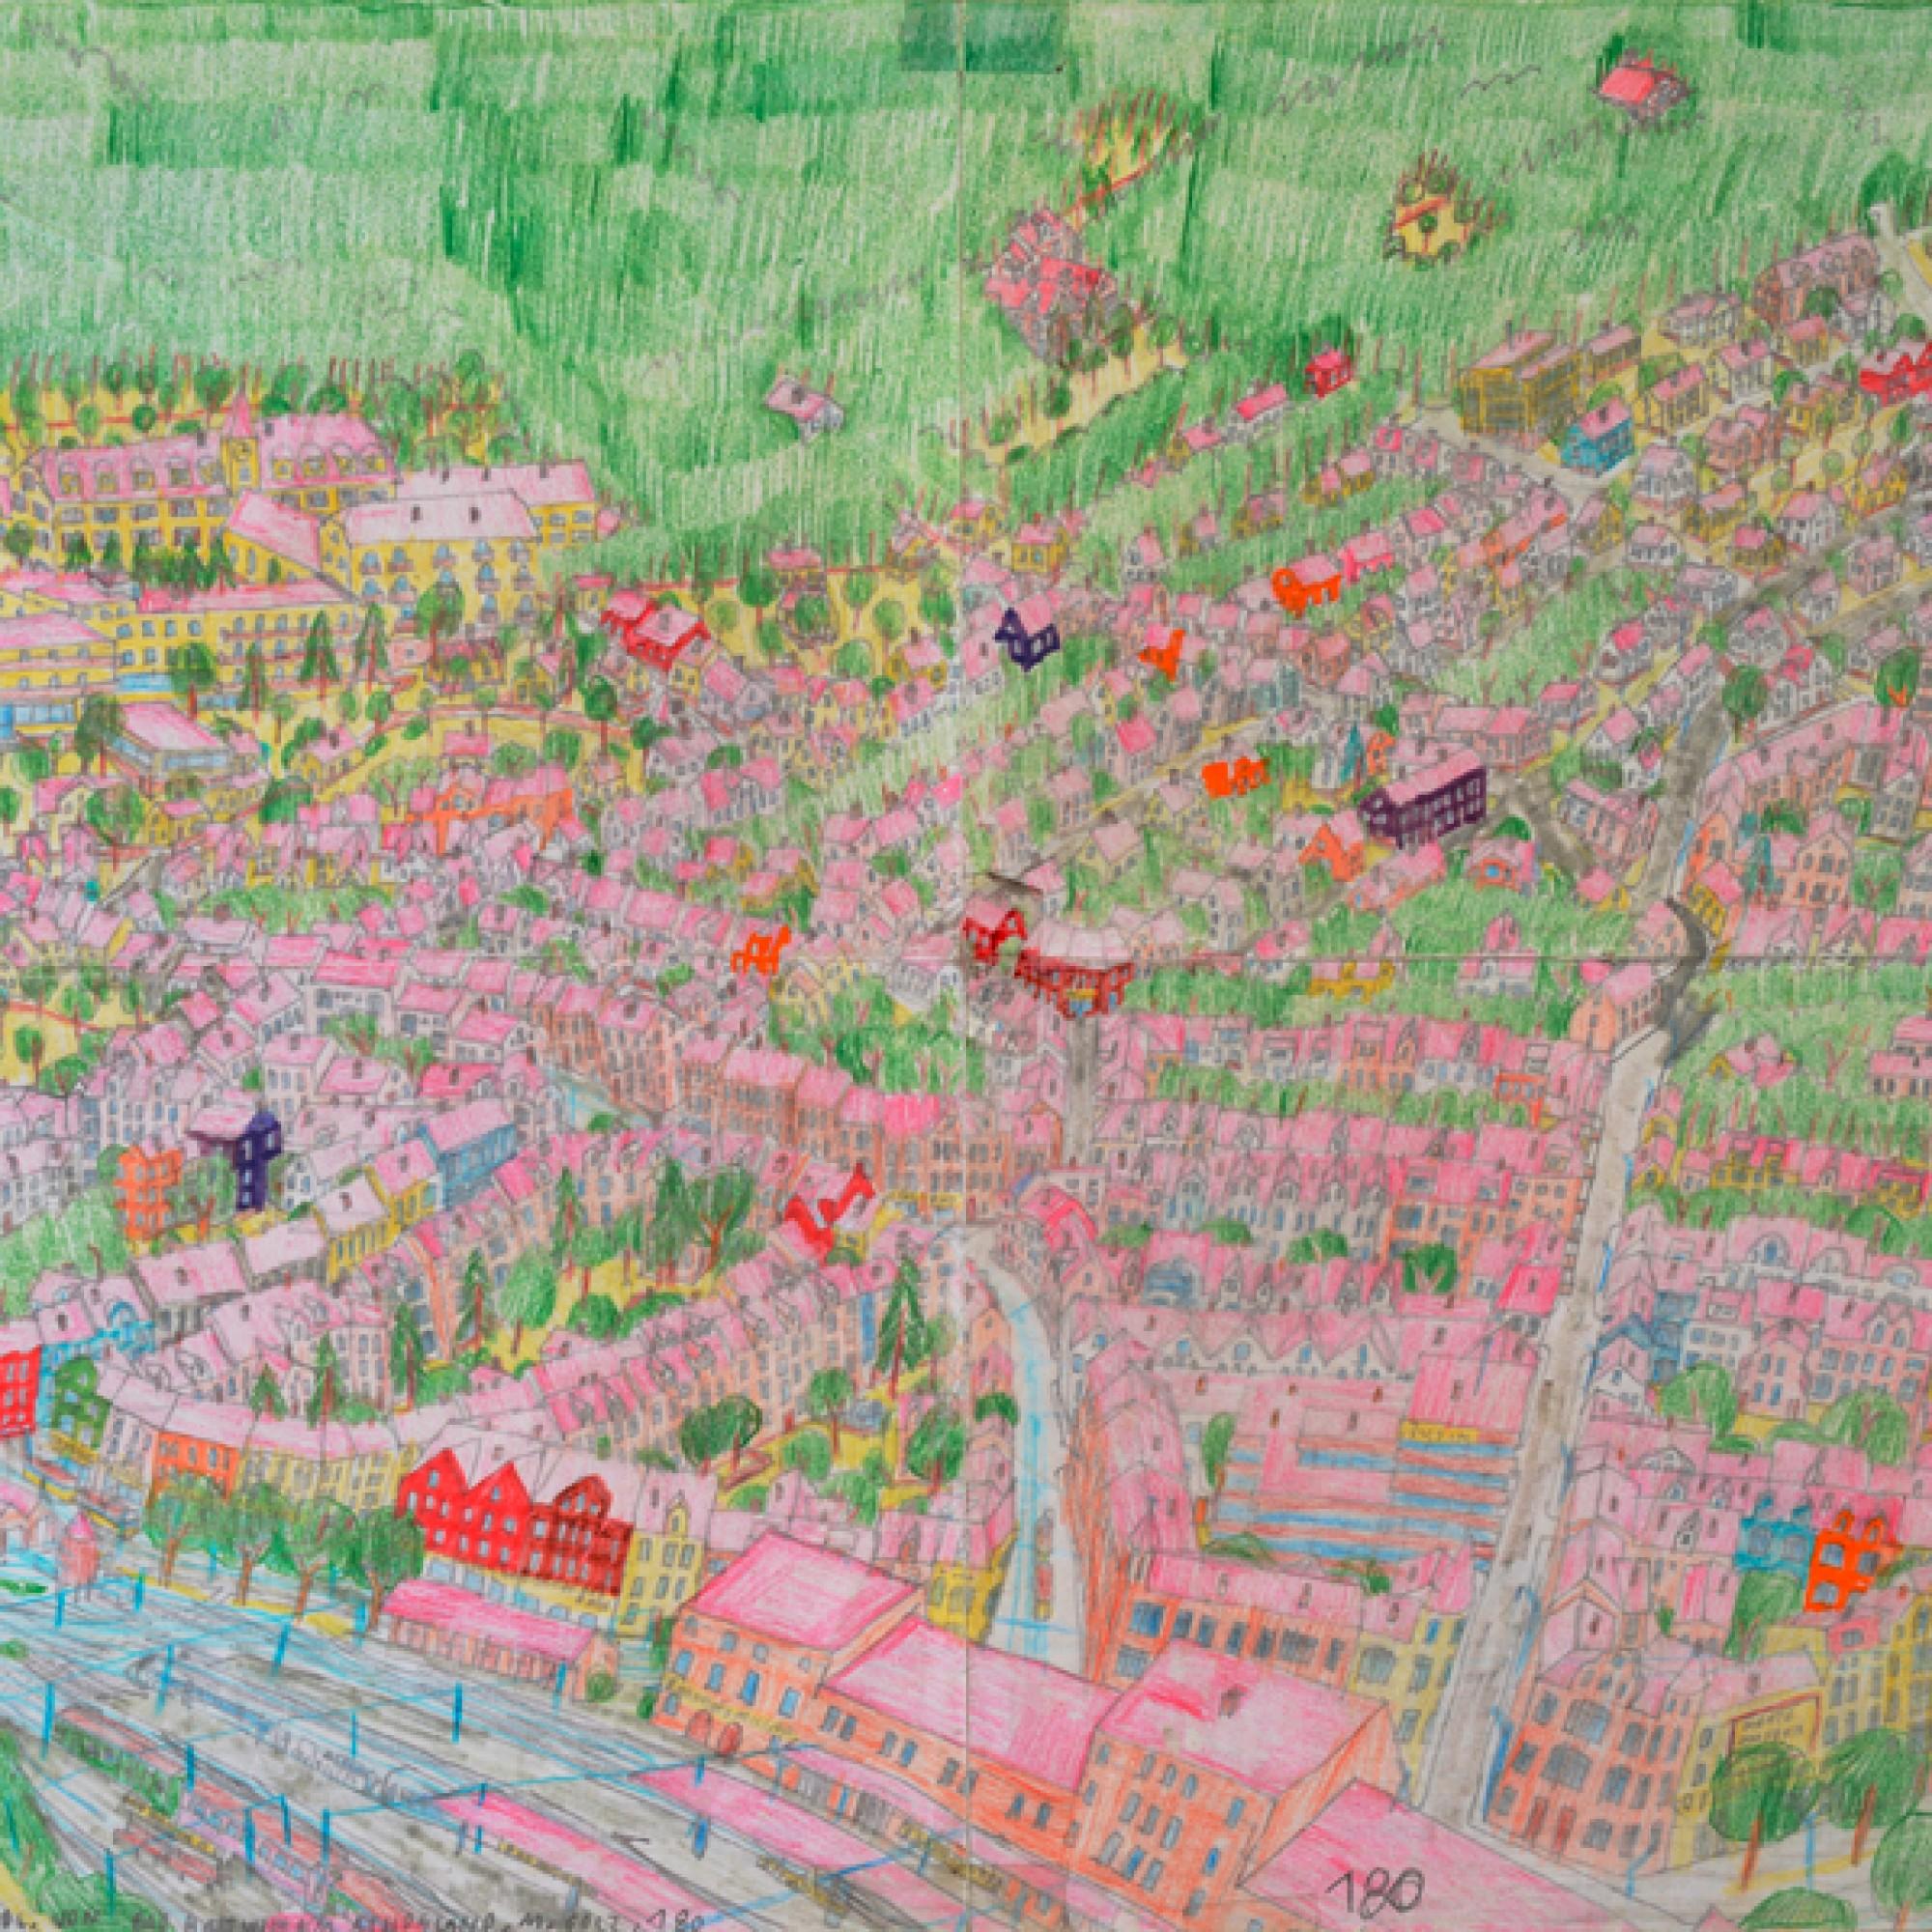 Bad Martin südlich  von Bad Hartwich im Athosland, Bild Nr. 180, 2009. (Michael Golz) 1/4